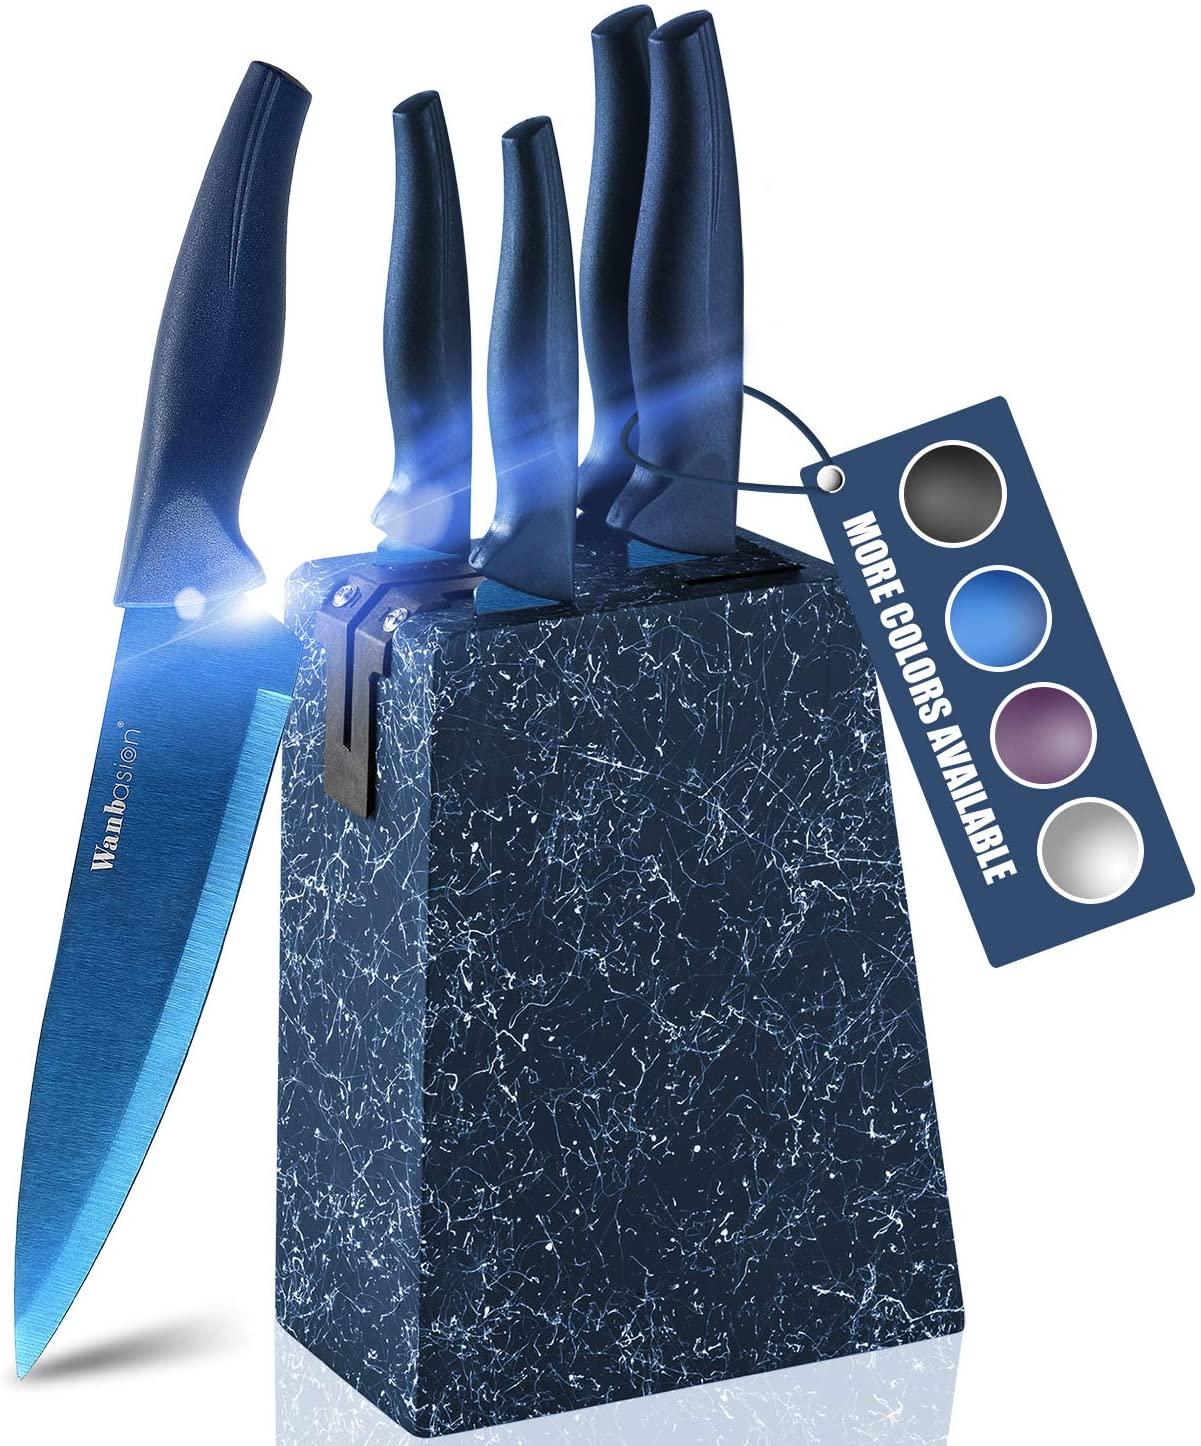 Set de 6 cuchillos con soporte